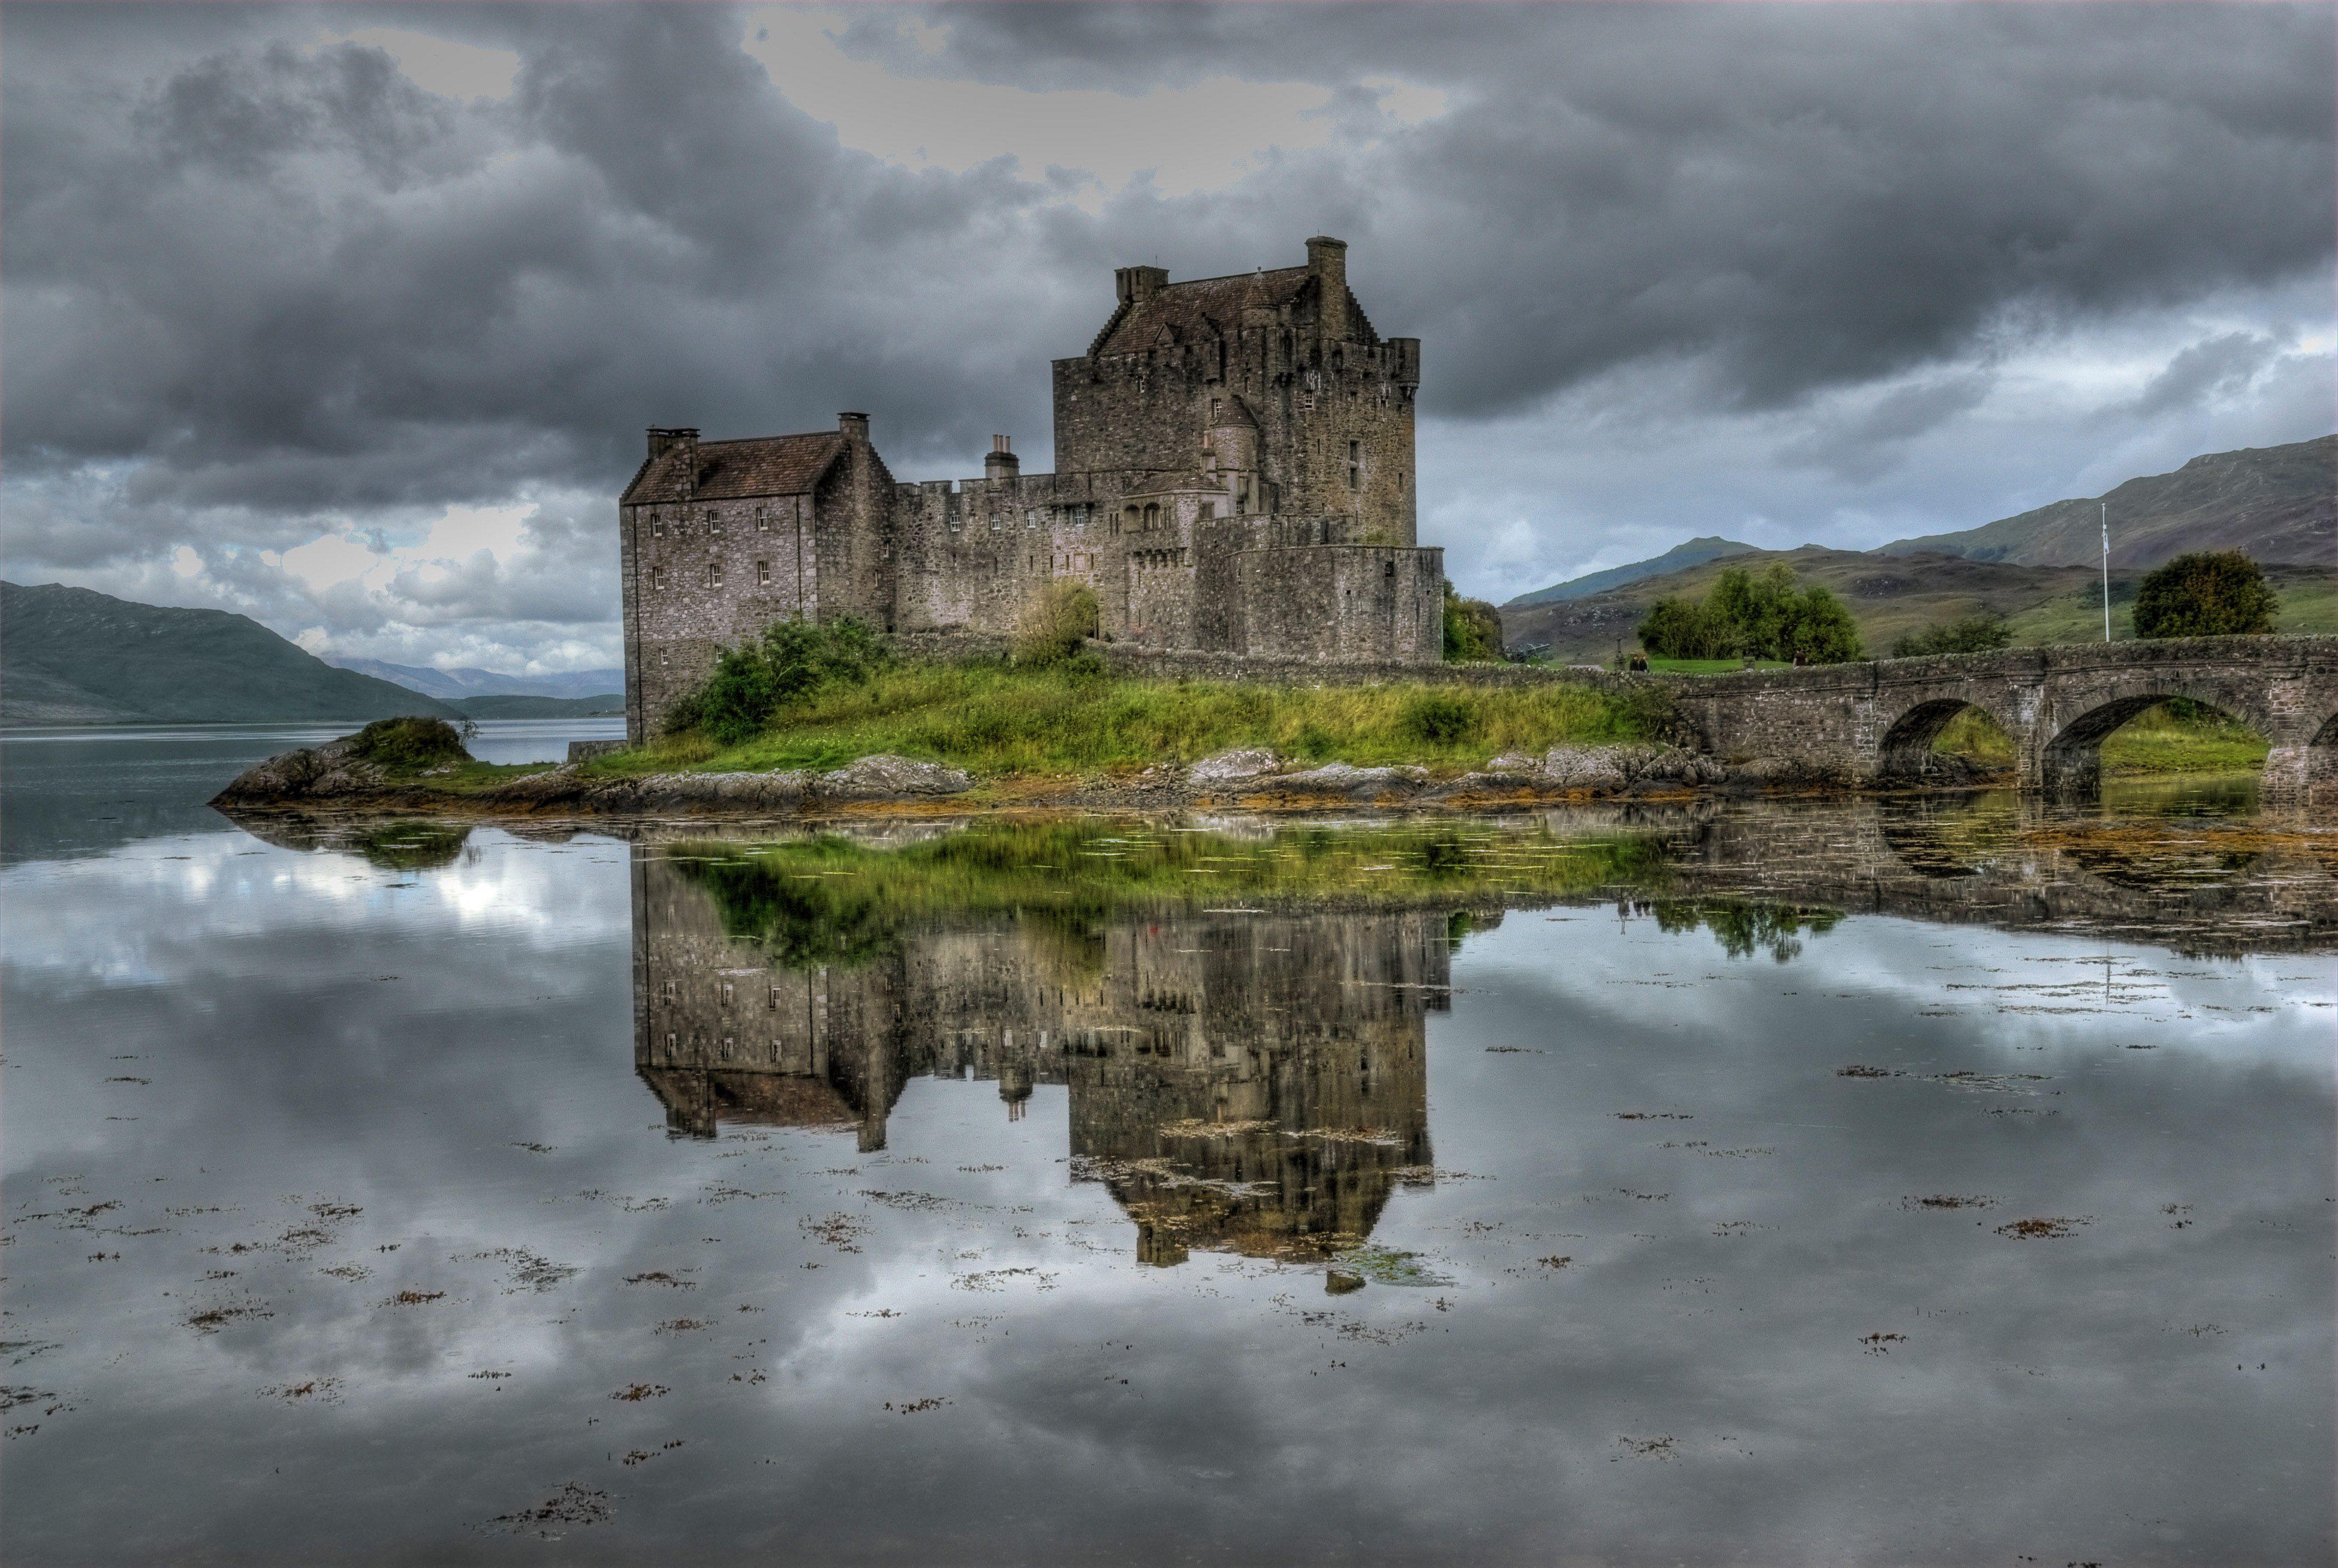 Eilean Donan Castle Loch Duich Scotland Ecosse Paysage Chateau Ecosse Photos Paysage